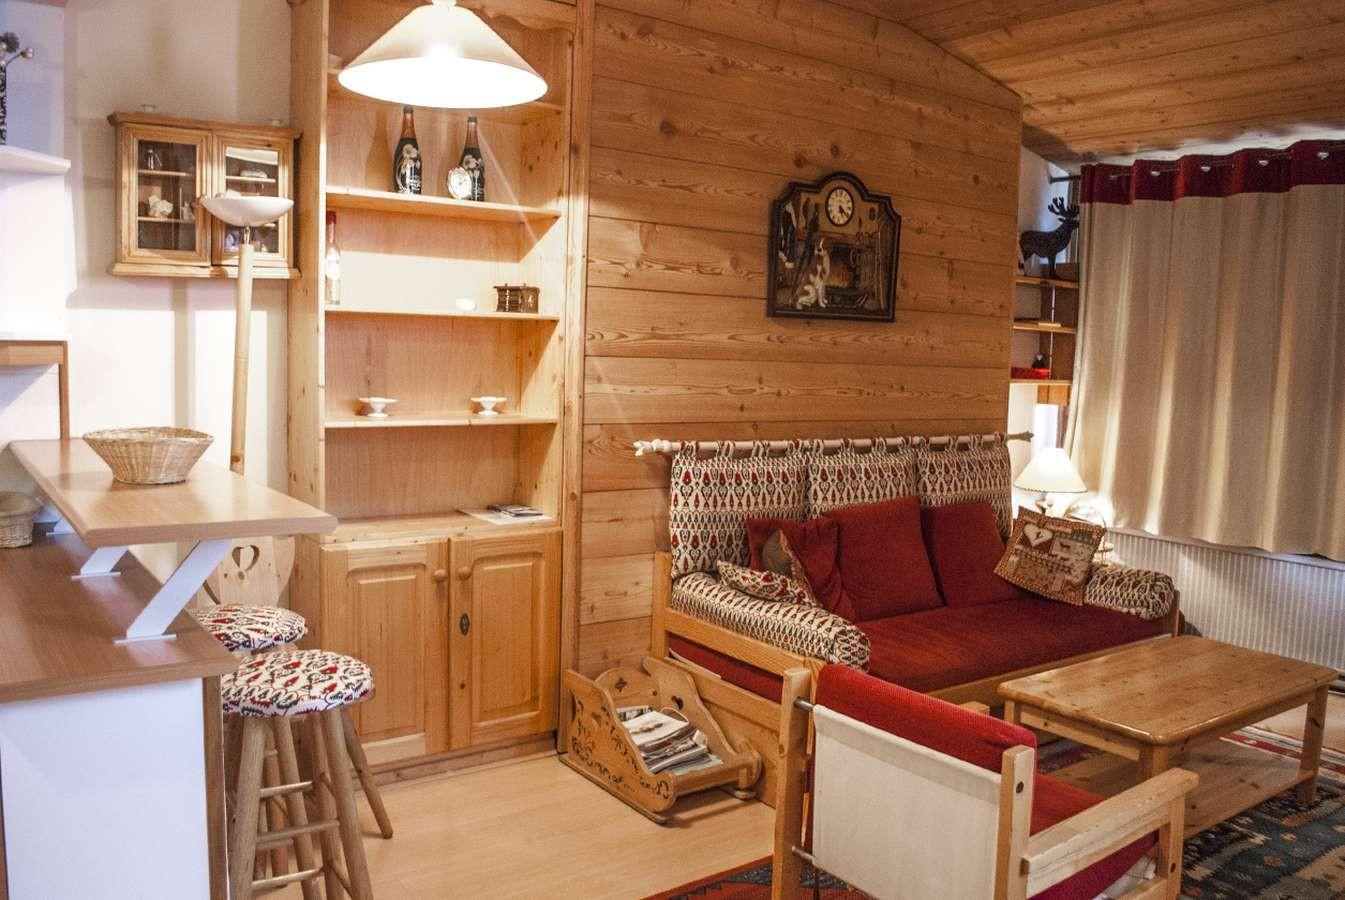 tignes val claret tignes location vacances appartement 4 pi ces 890 r f cga85. Black Bedroom Furniture Sets. Home Design Ideas